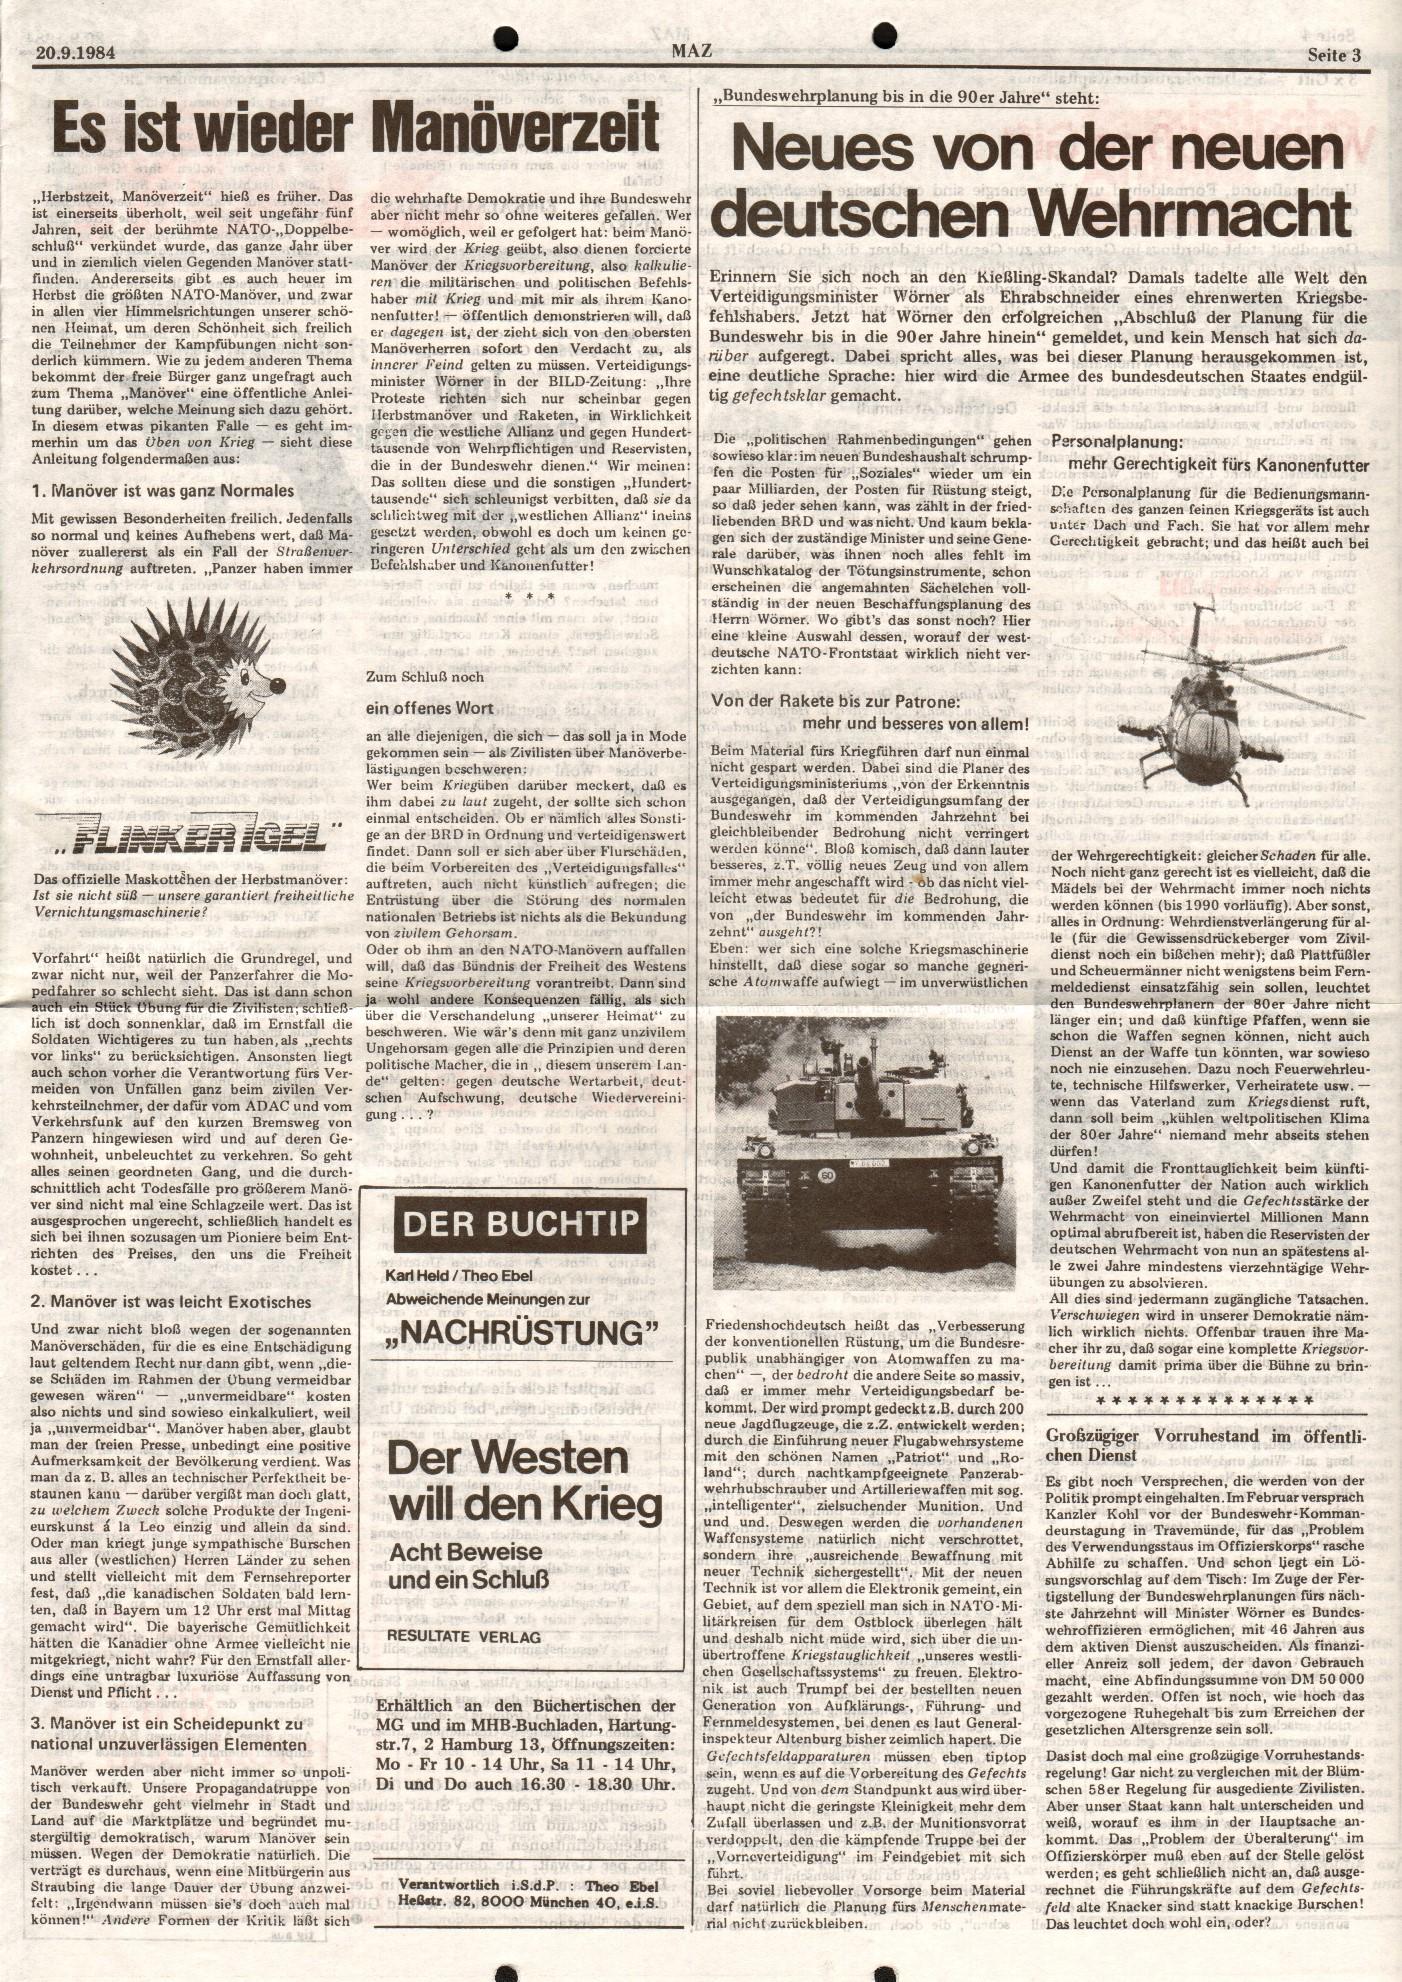 Hamburg_MG_MAZ_19840920_03